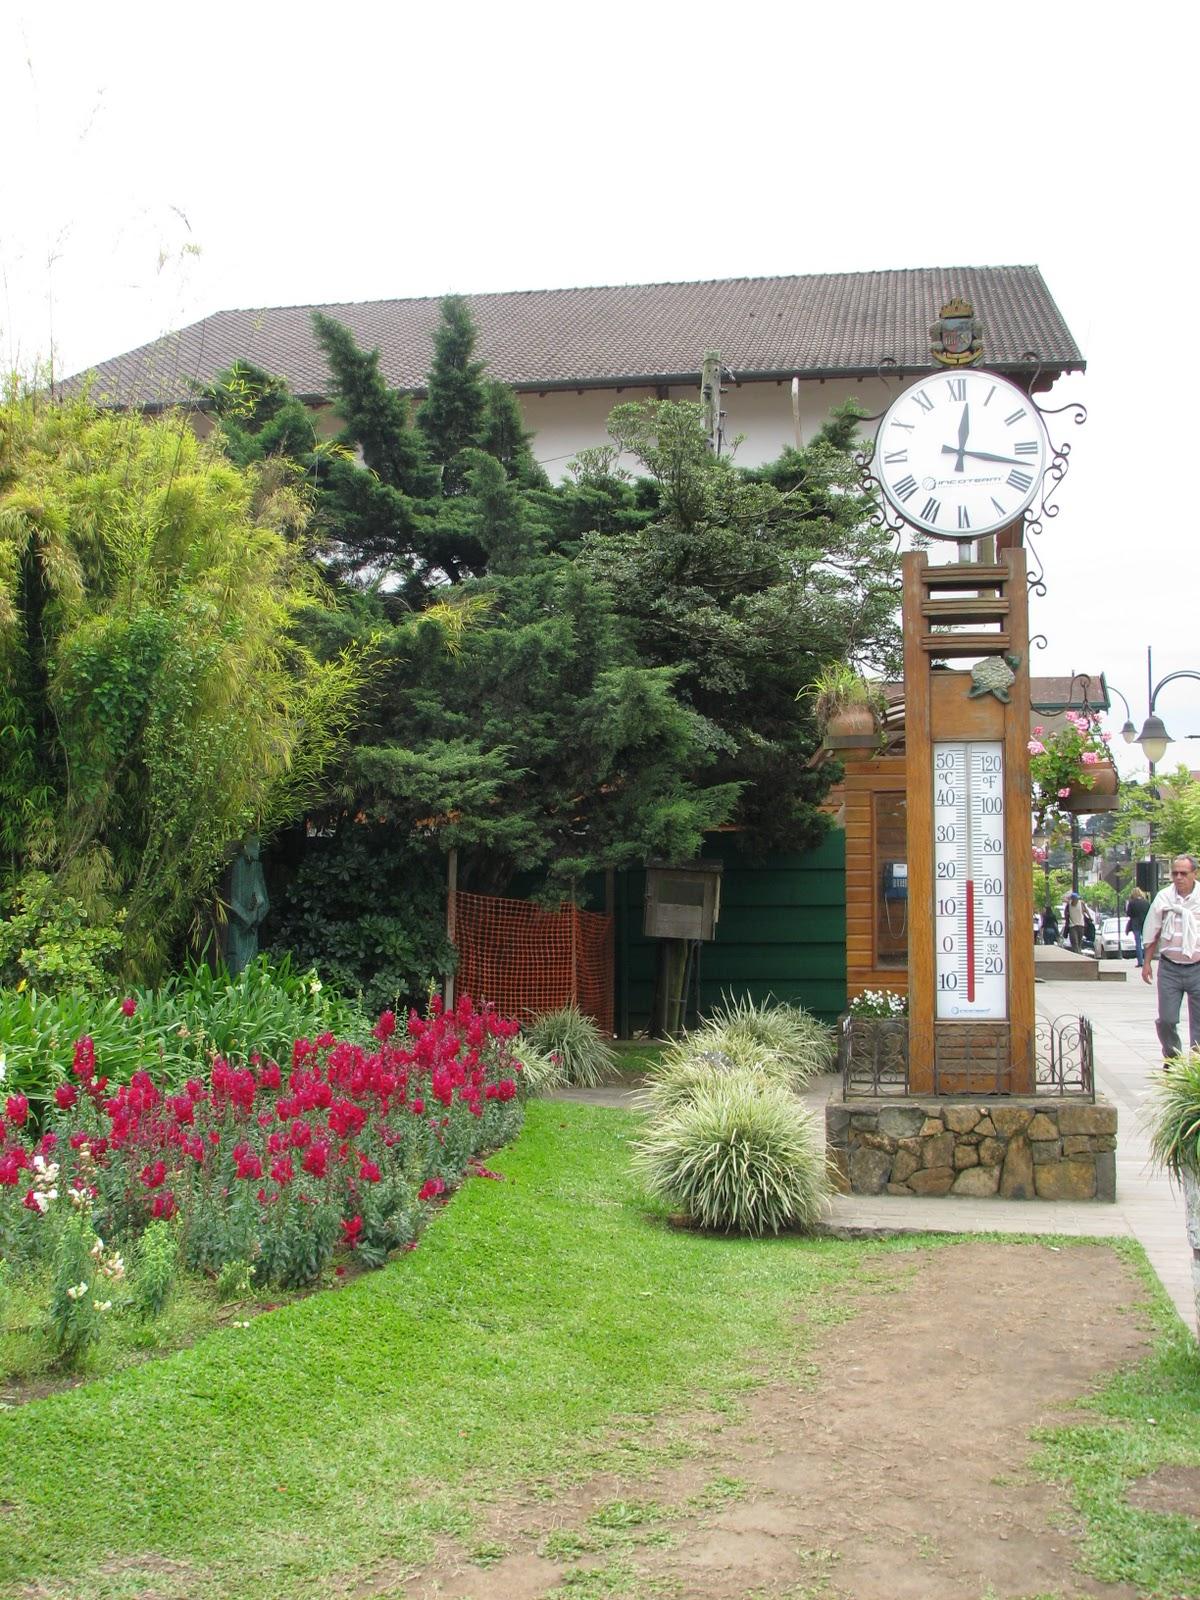 imagens jardim florido:das casas e do comércio, sempre que possível tem um jardim, florido